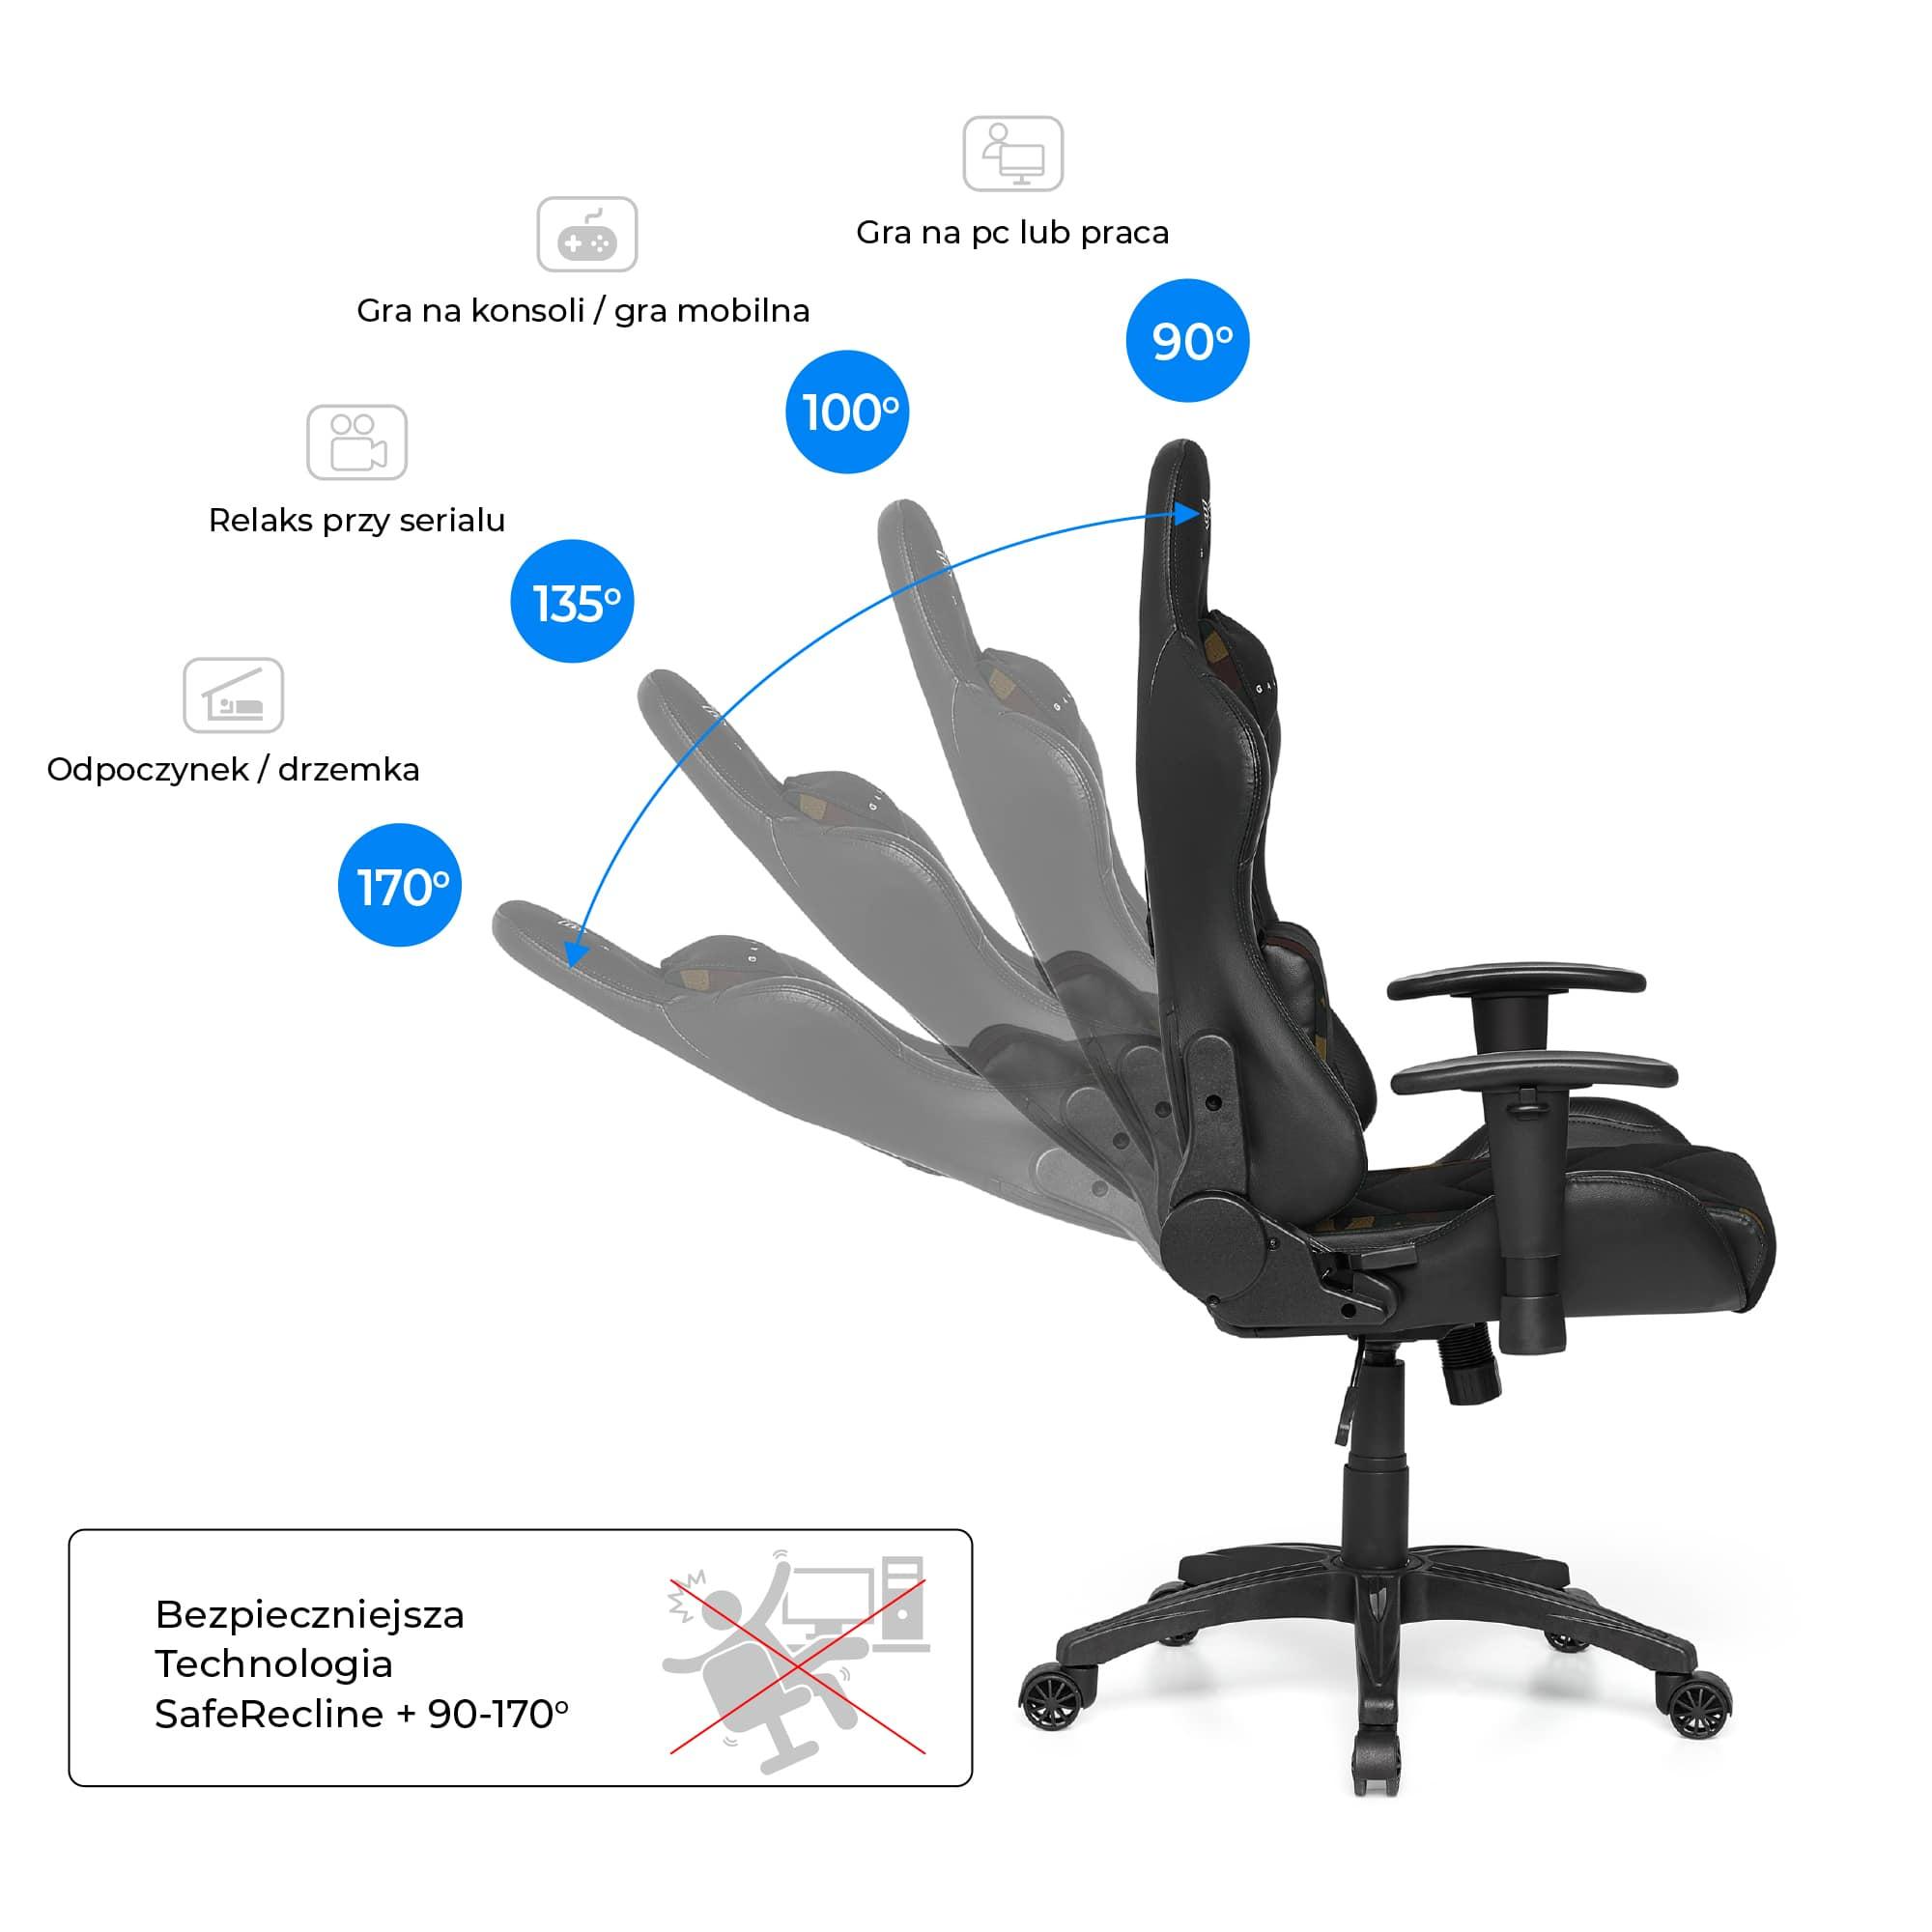 Materiałowy Fotel gamingowy Gamvis Expert Zielony Camo 2